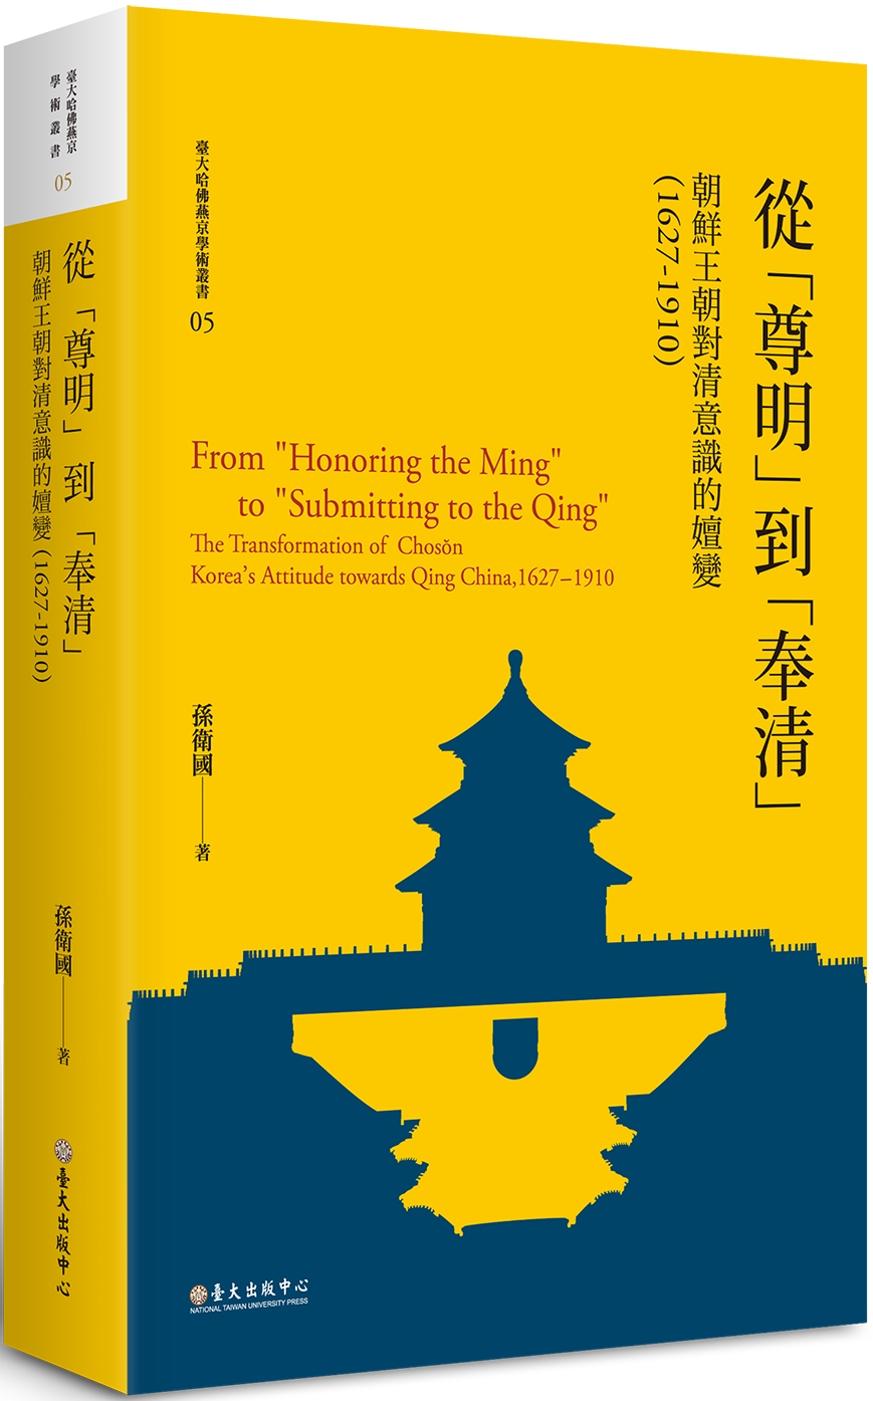 從「尊明」到「奉清」:朝鮮王朝對清意識之嬗變,1627-1910【平裝版】